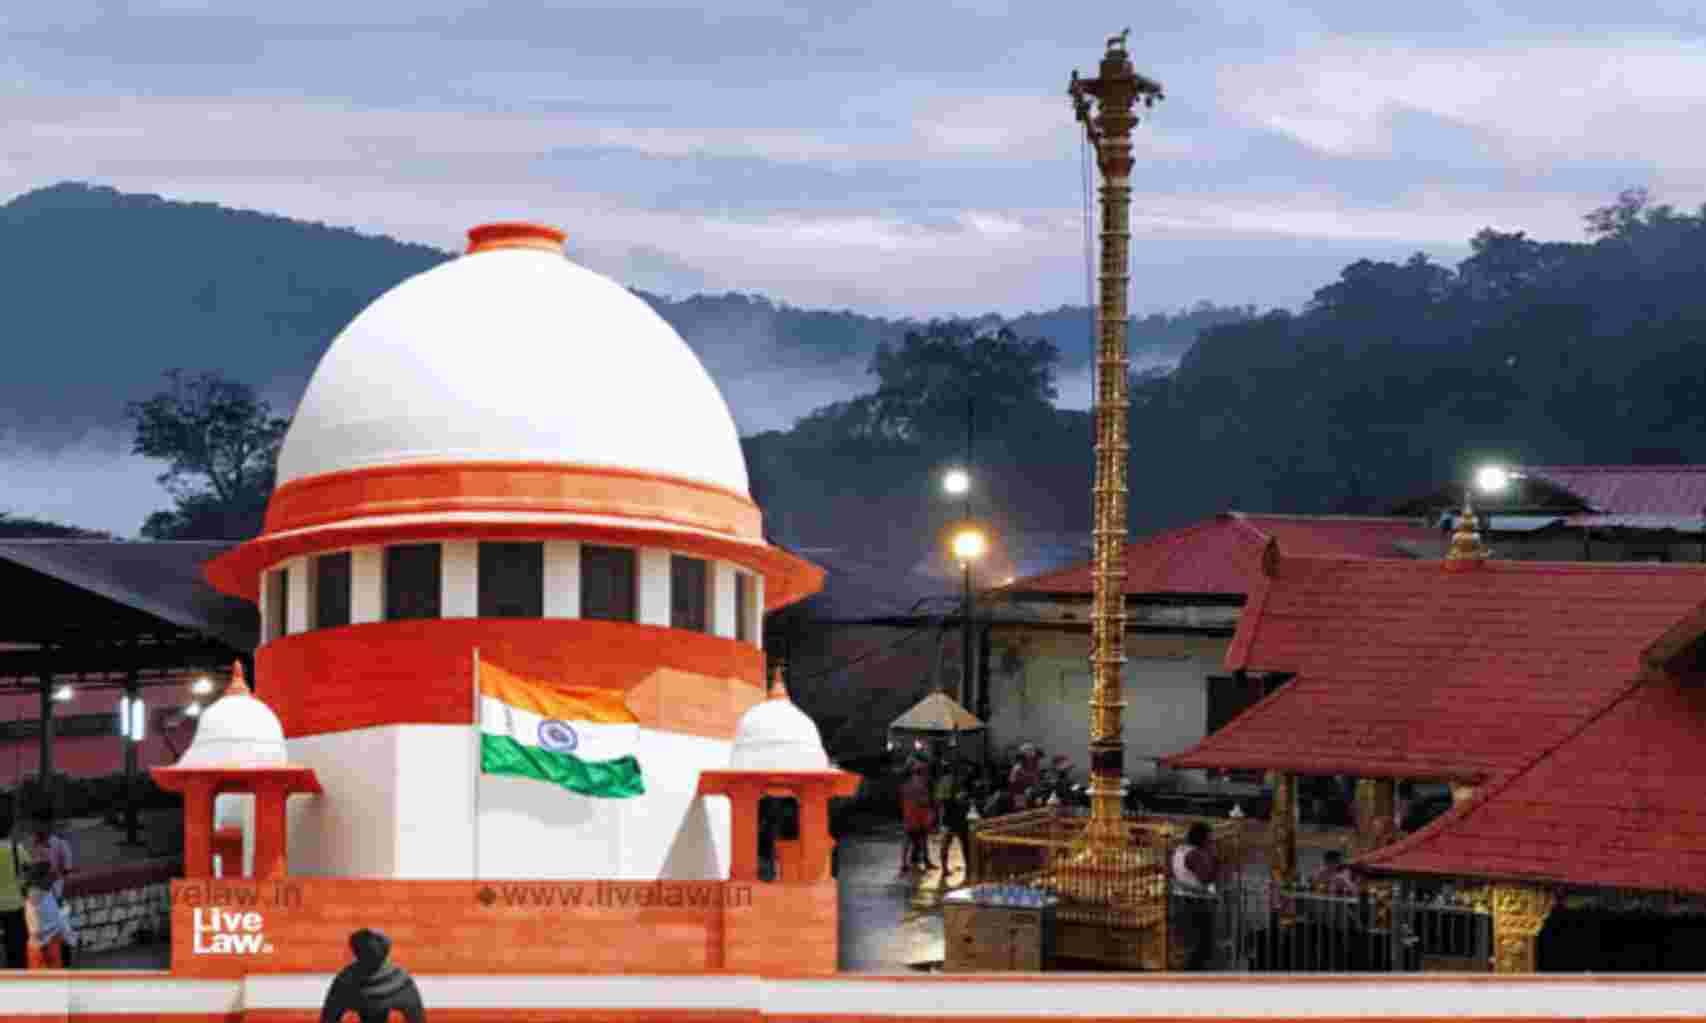 सुप्रीम कोर्ट की नौ न्यायाधीशों की संविधान पीठ सबरीमाला पुनर्विचार याचिकाओं की सुनवाई 13 जनवरी से शुरू करेगी